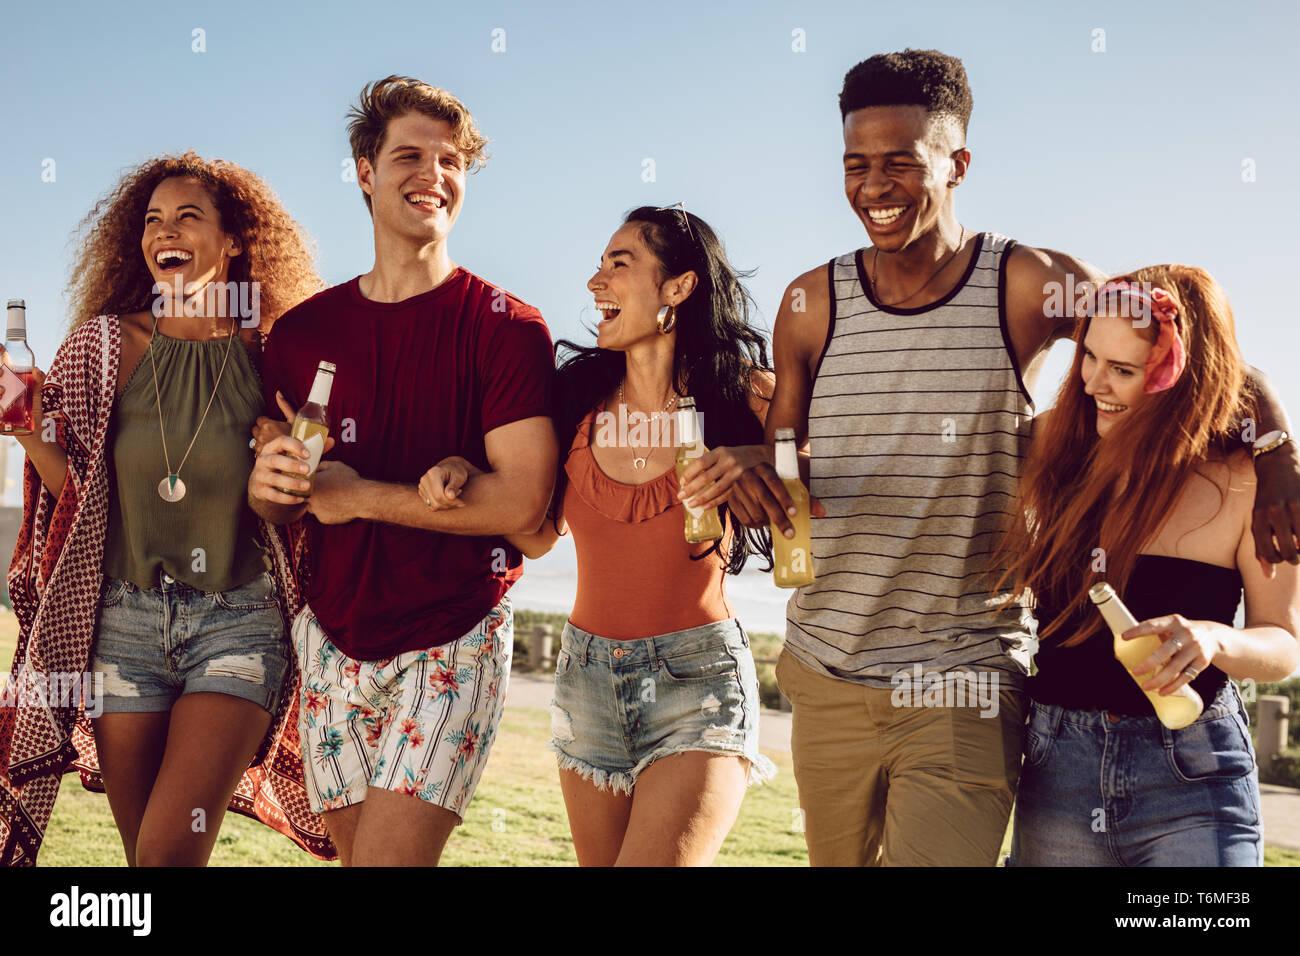 Gruppo di amici camminare insieme con bracci di bloccaggio. Giovani uomini e donne con birre camminare insieme e divertirsi. Foto Stock